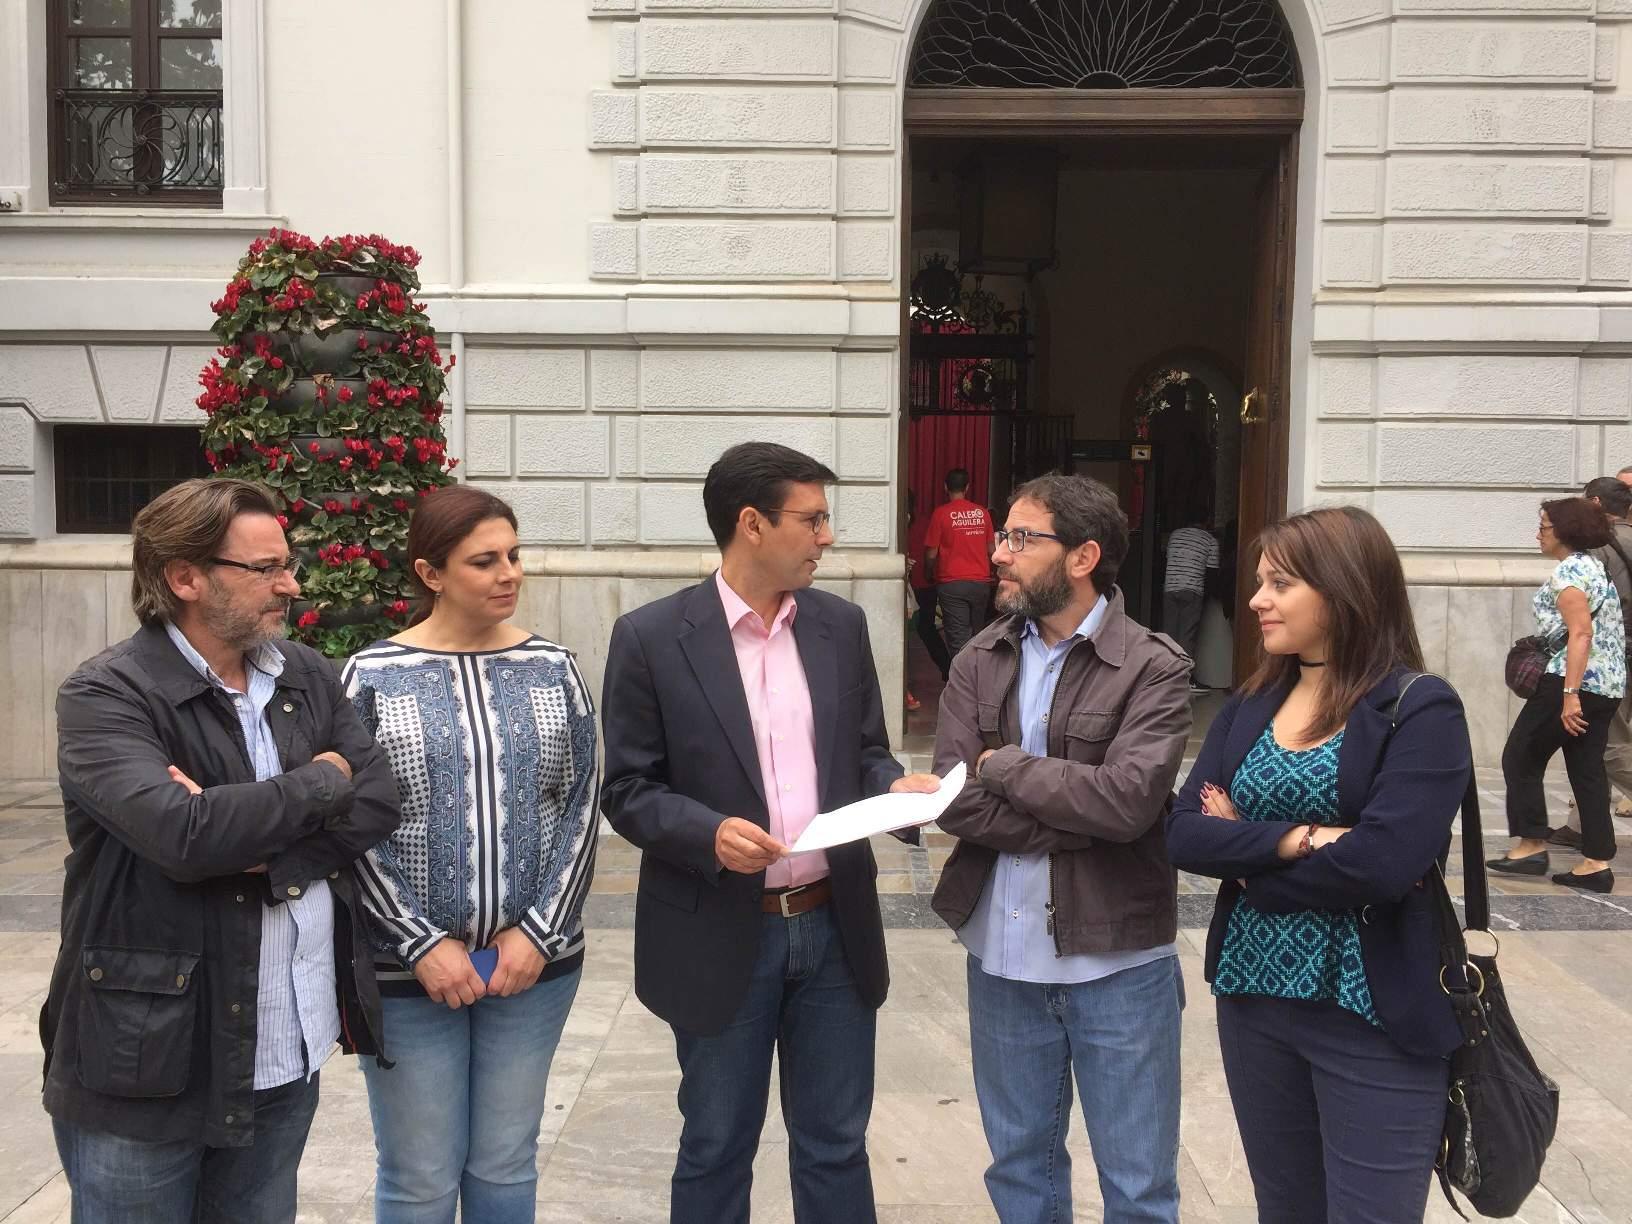 Cuenca, junto a miembros de su candidatura presentan el compromiso por la transparencia